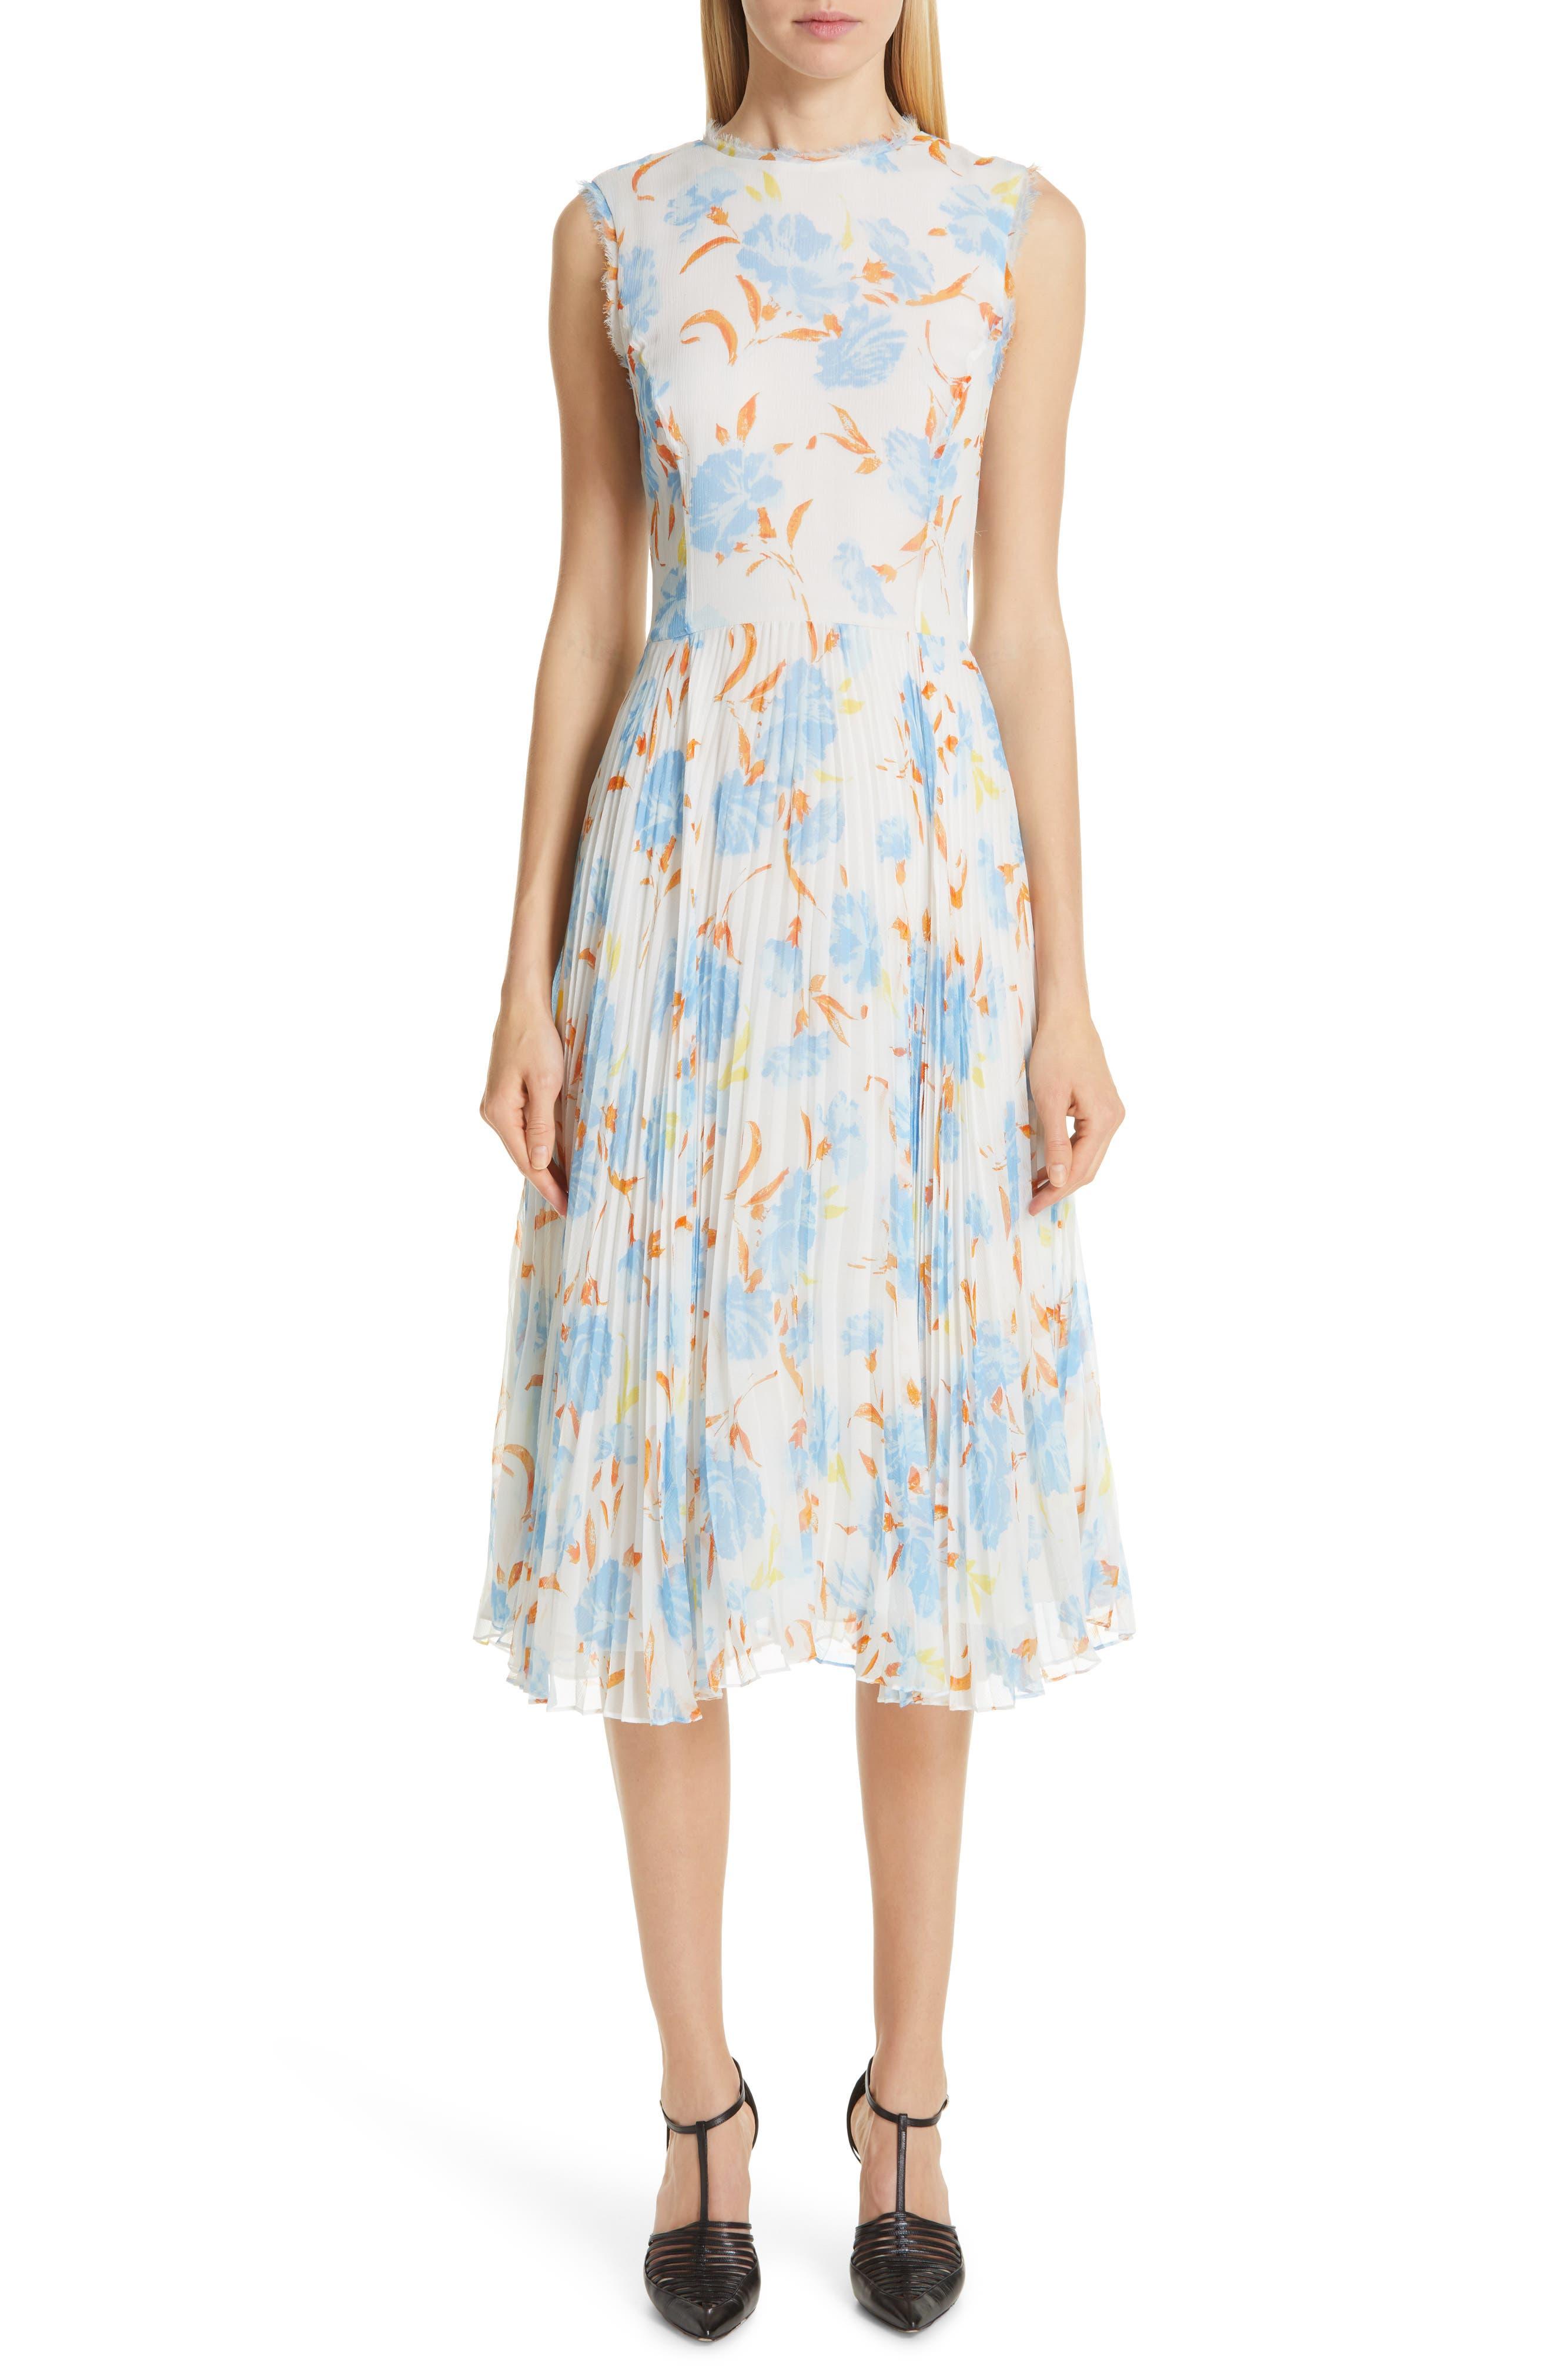 Jason Wu Collection Floral Print Chiffon Midi Dress, White